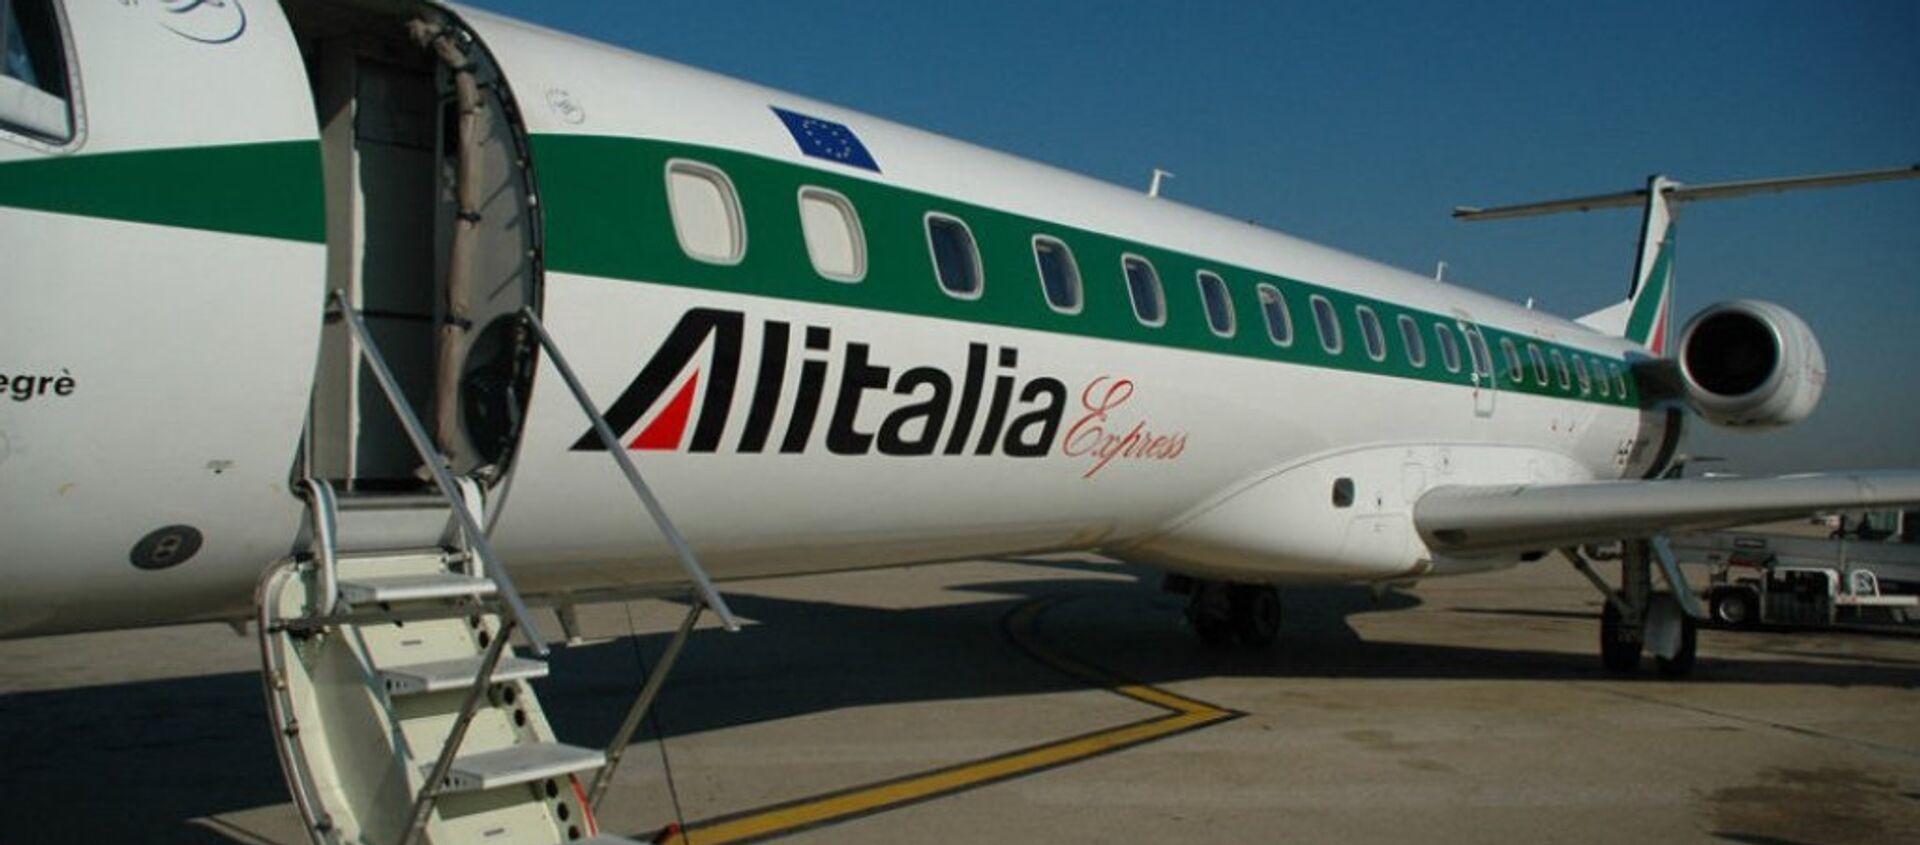 Un aereo dell'Alitalia. - Sputnik Italia, 1920, 27.03.2021